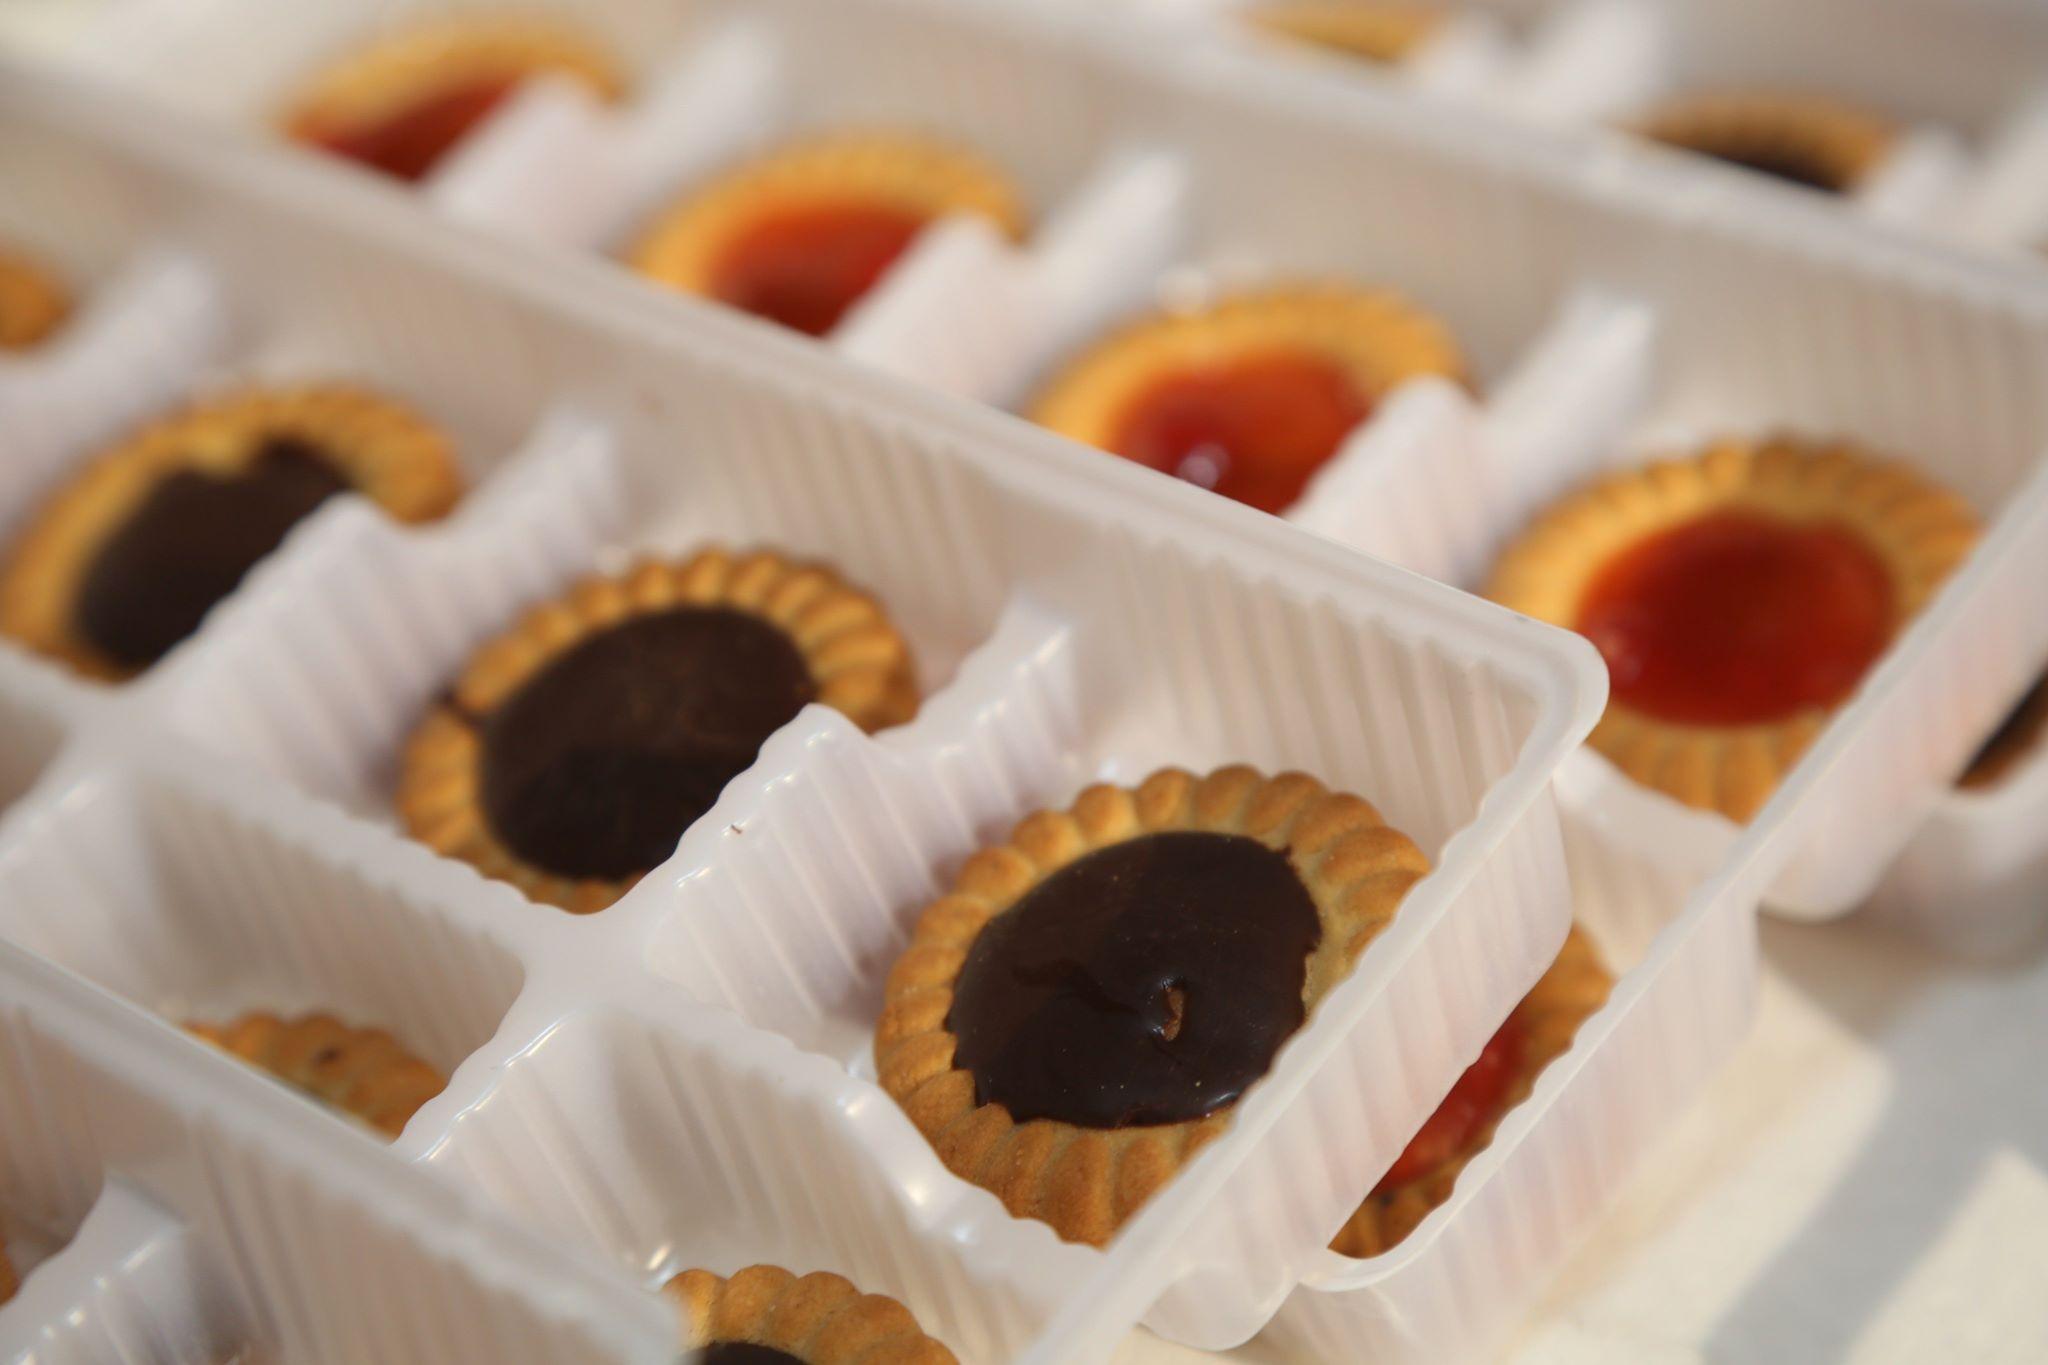 """60530226_369286543685263_4835721137608458240_n """"Талх чихэр""""-ийн жигнэмэг эрүүл, аюулгүй, Хүүхдийн баярын хамгийн чанартай бэлэг"""